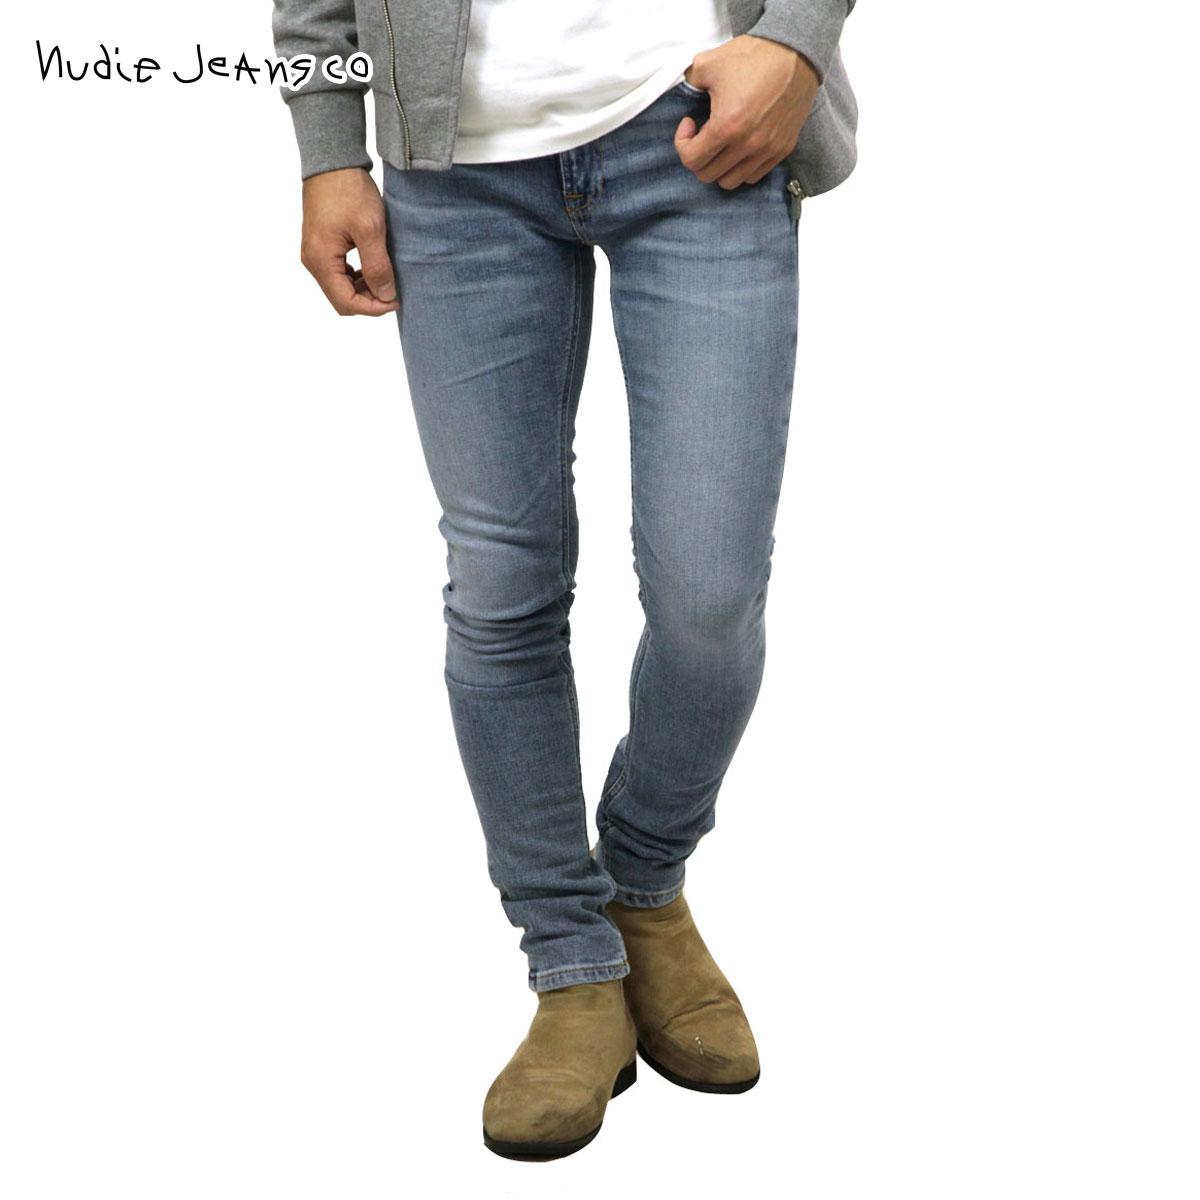 ヌーディージーンズ ジーンズ メンズ 正規販売店 Nudie Jeans ジーパン スキニーリン SKINNY LIN 942 1128290 942 DENIM JEANS OLD BLUES